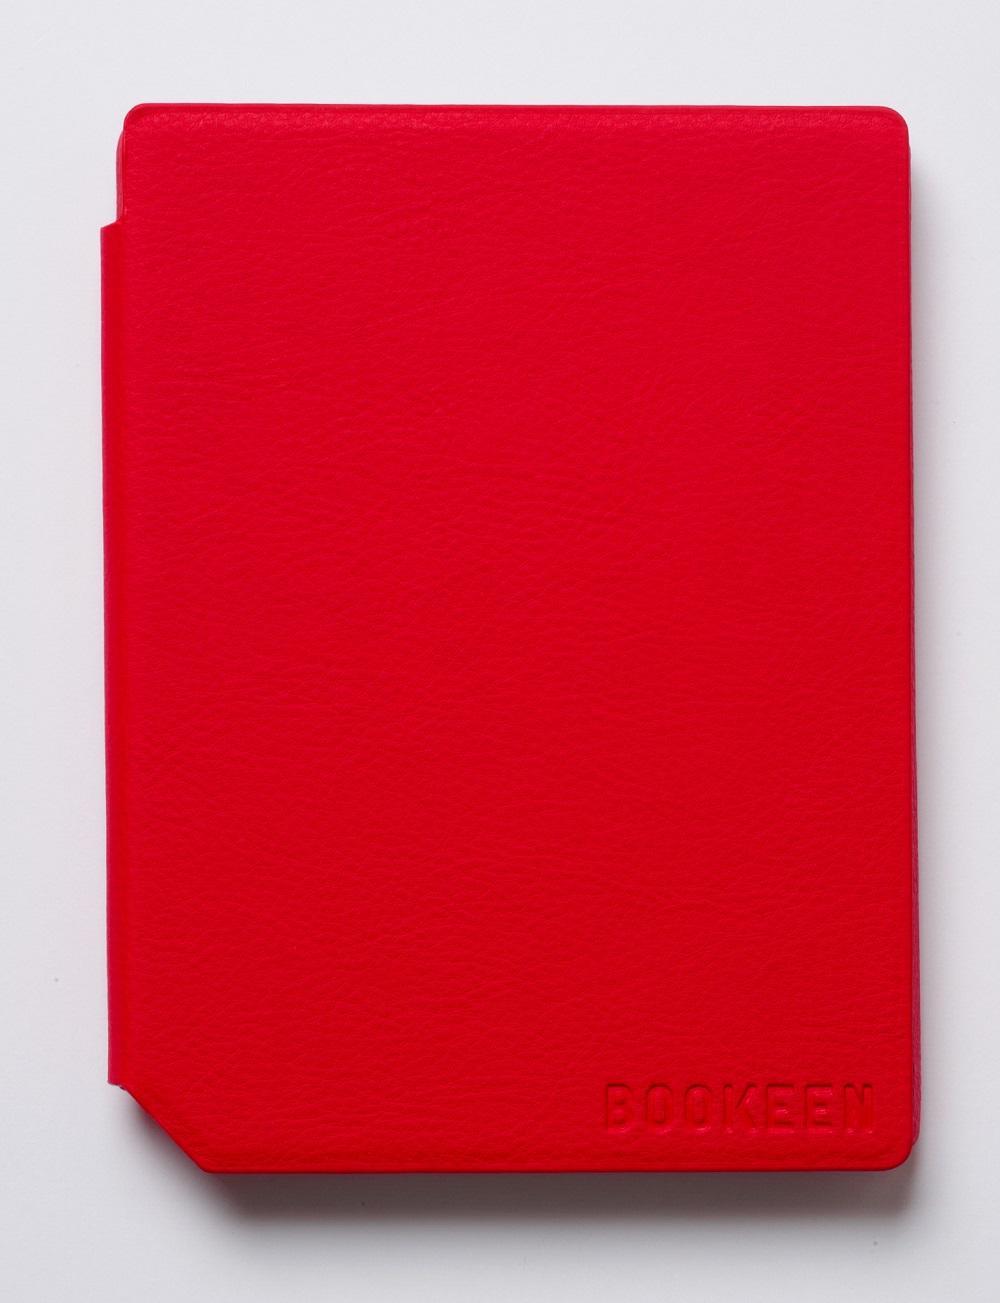 Калъф BOOKEEN за eBook четец Cybook Muse, 6 inch, Червен